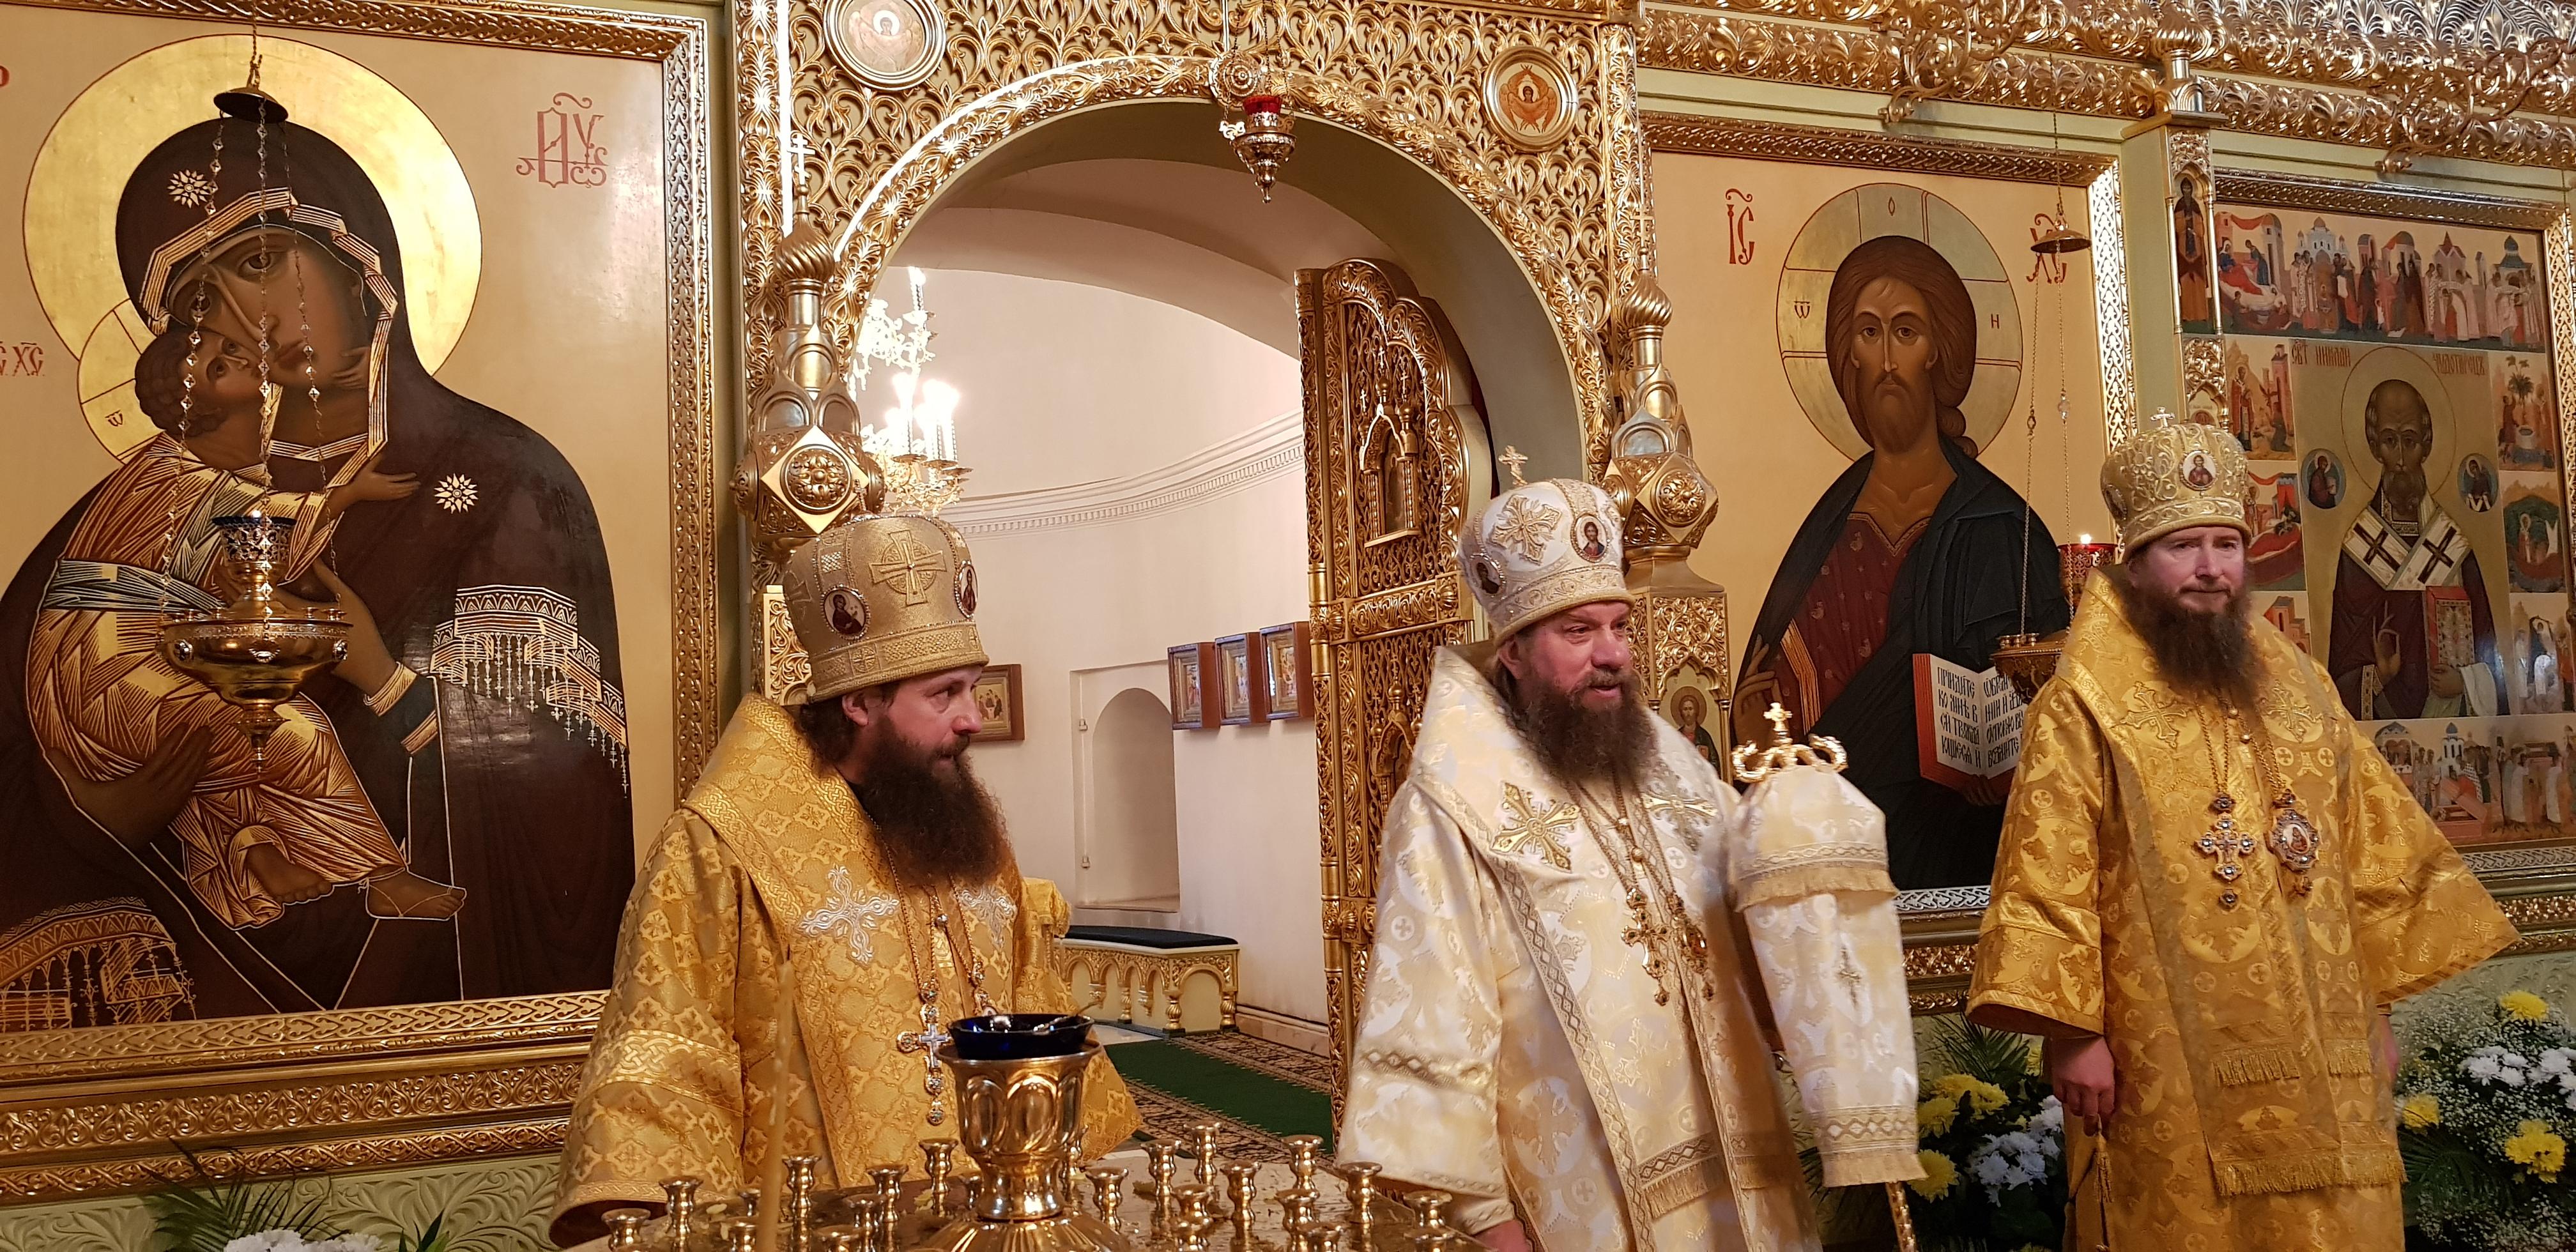 18 и 19 декабря, в дни празднования памяти святителя Николая Чудотворца, состоялись торжества в Николо-Шартомском монастыре